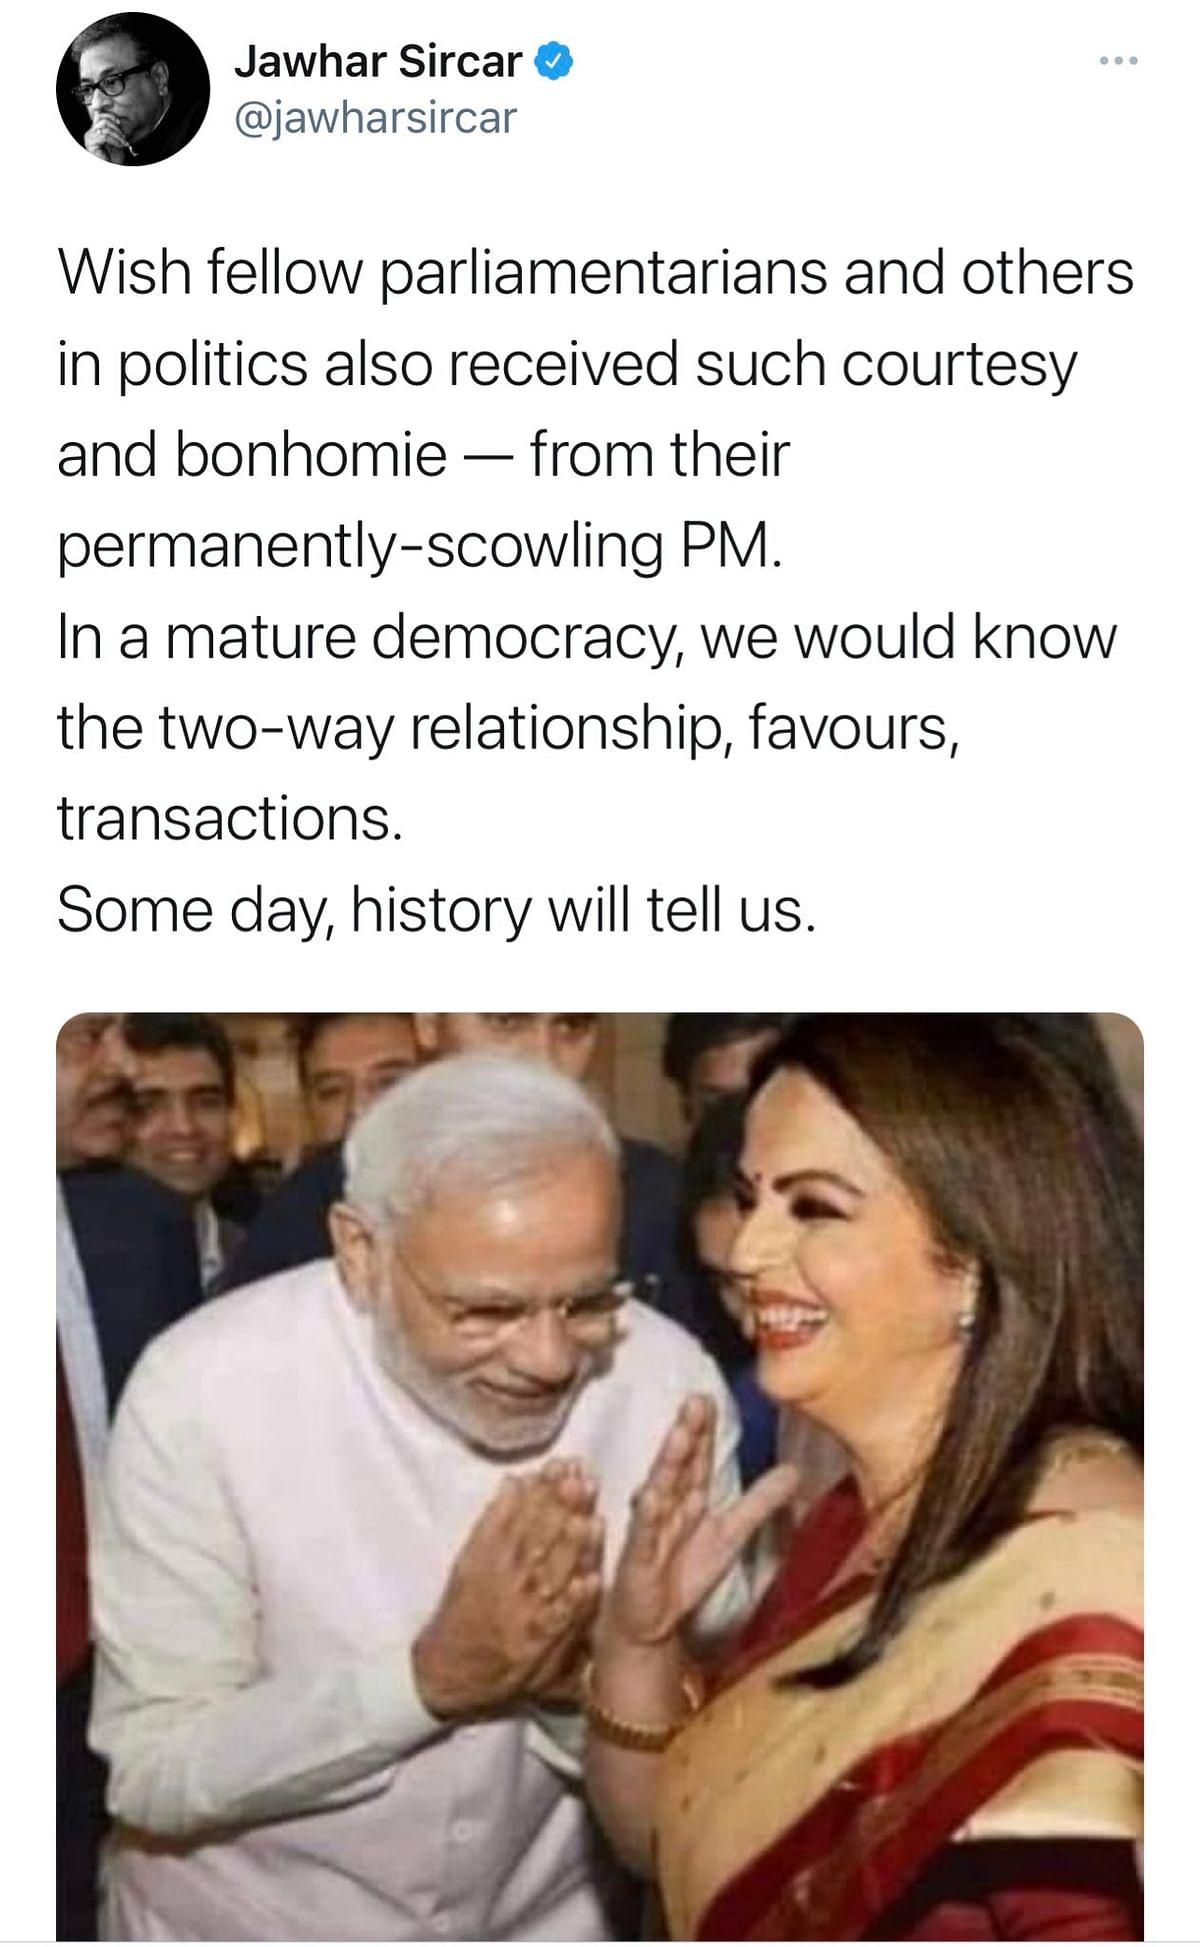 ஜவஹர் சிர்கார்